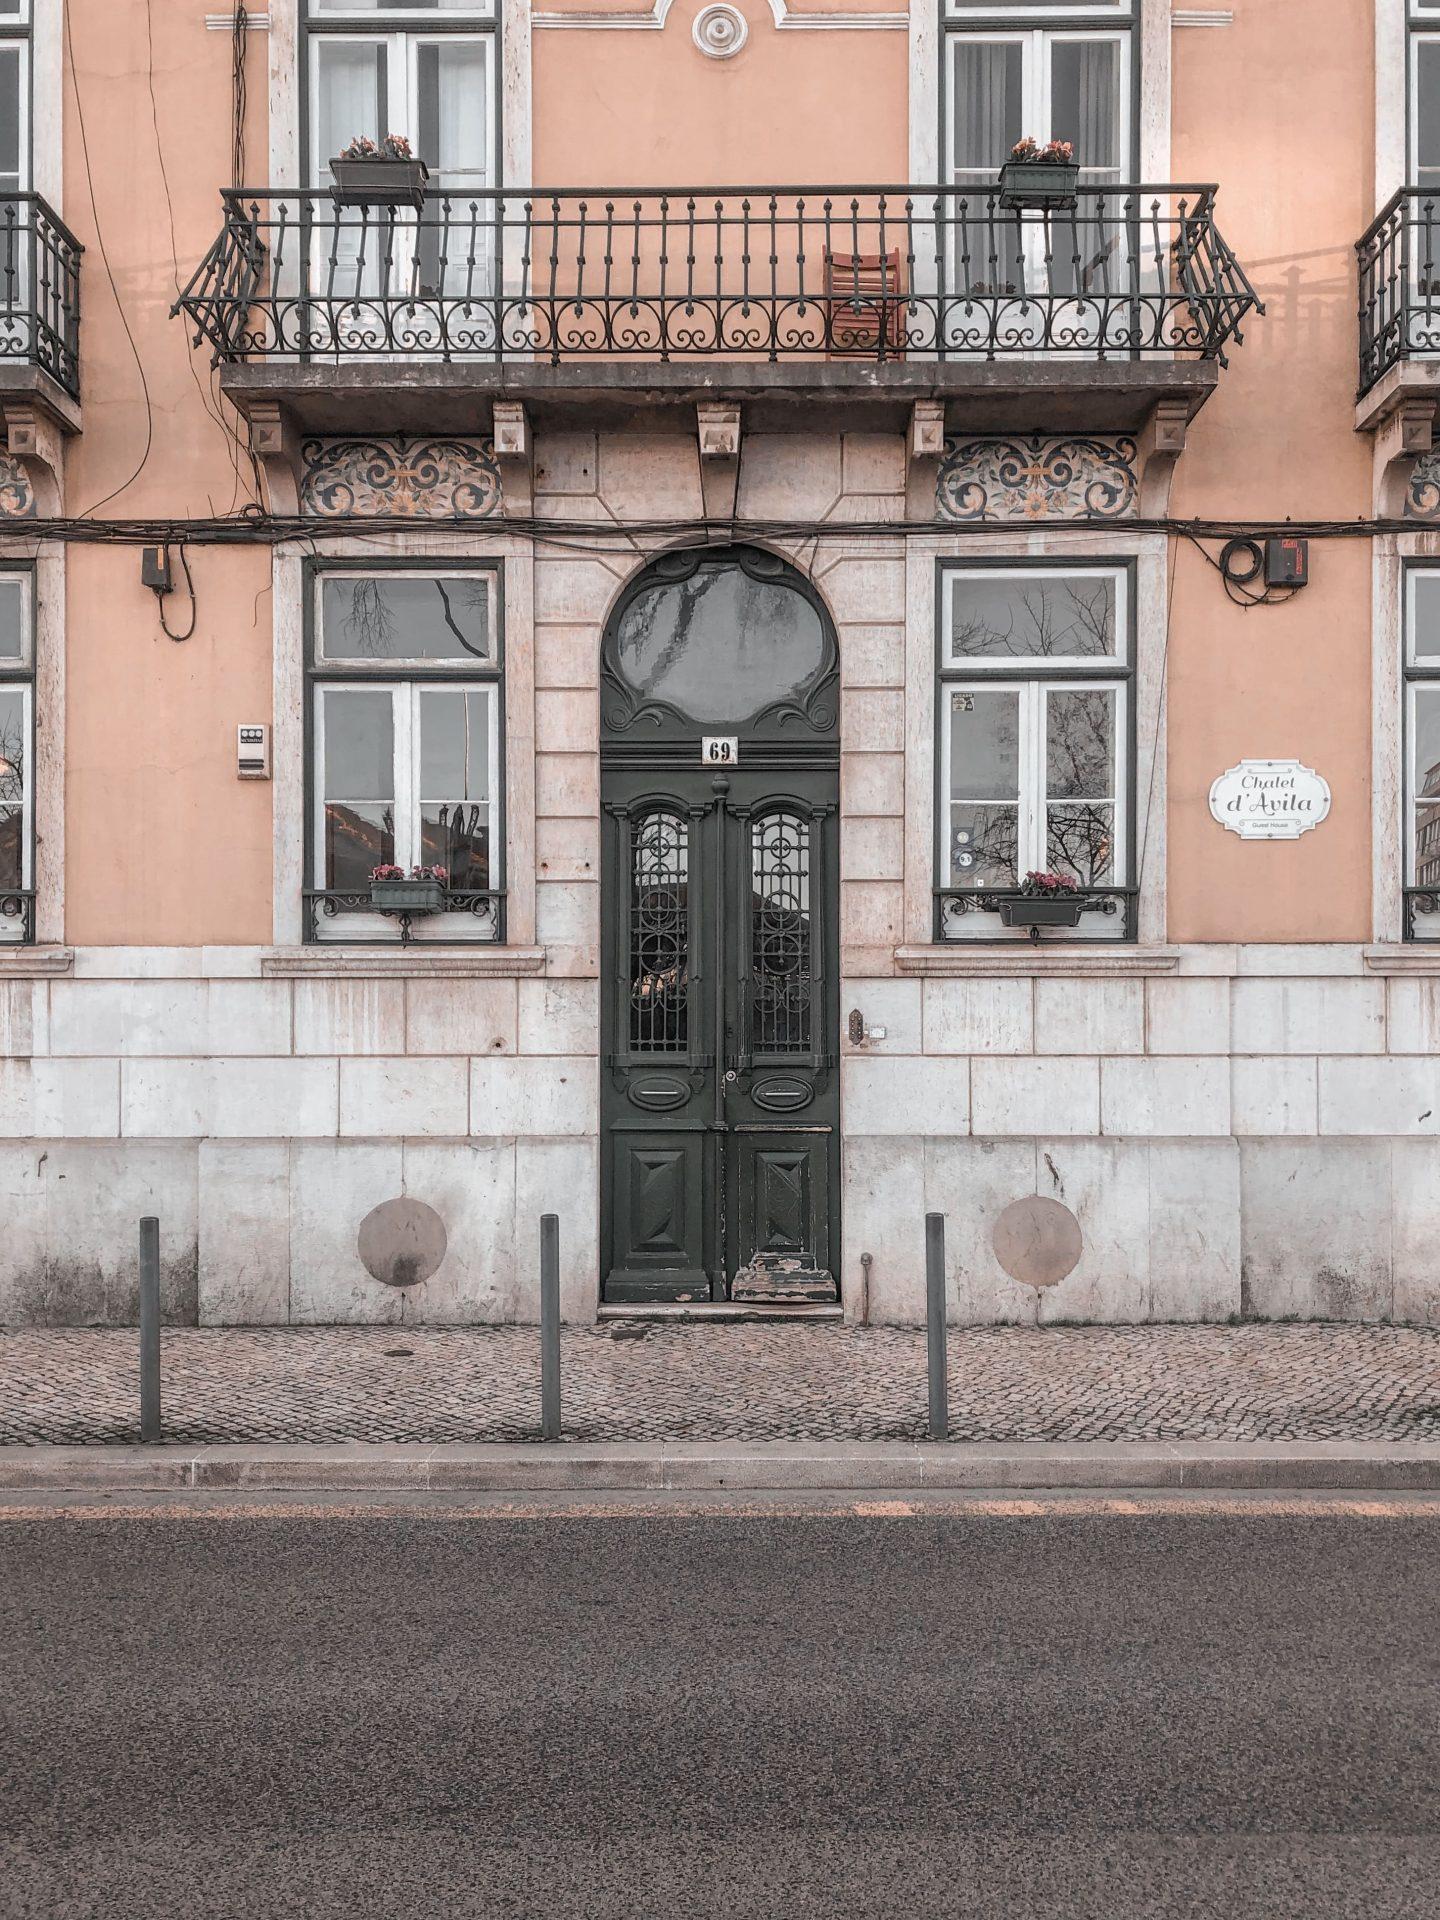 Chalet d'Avila - ingresso